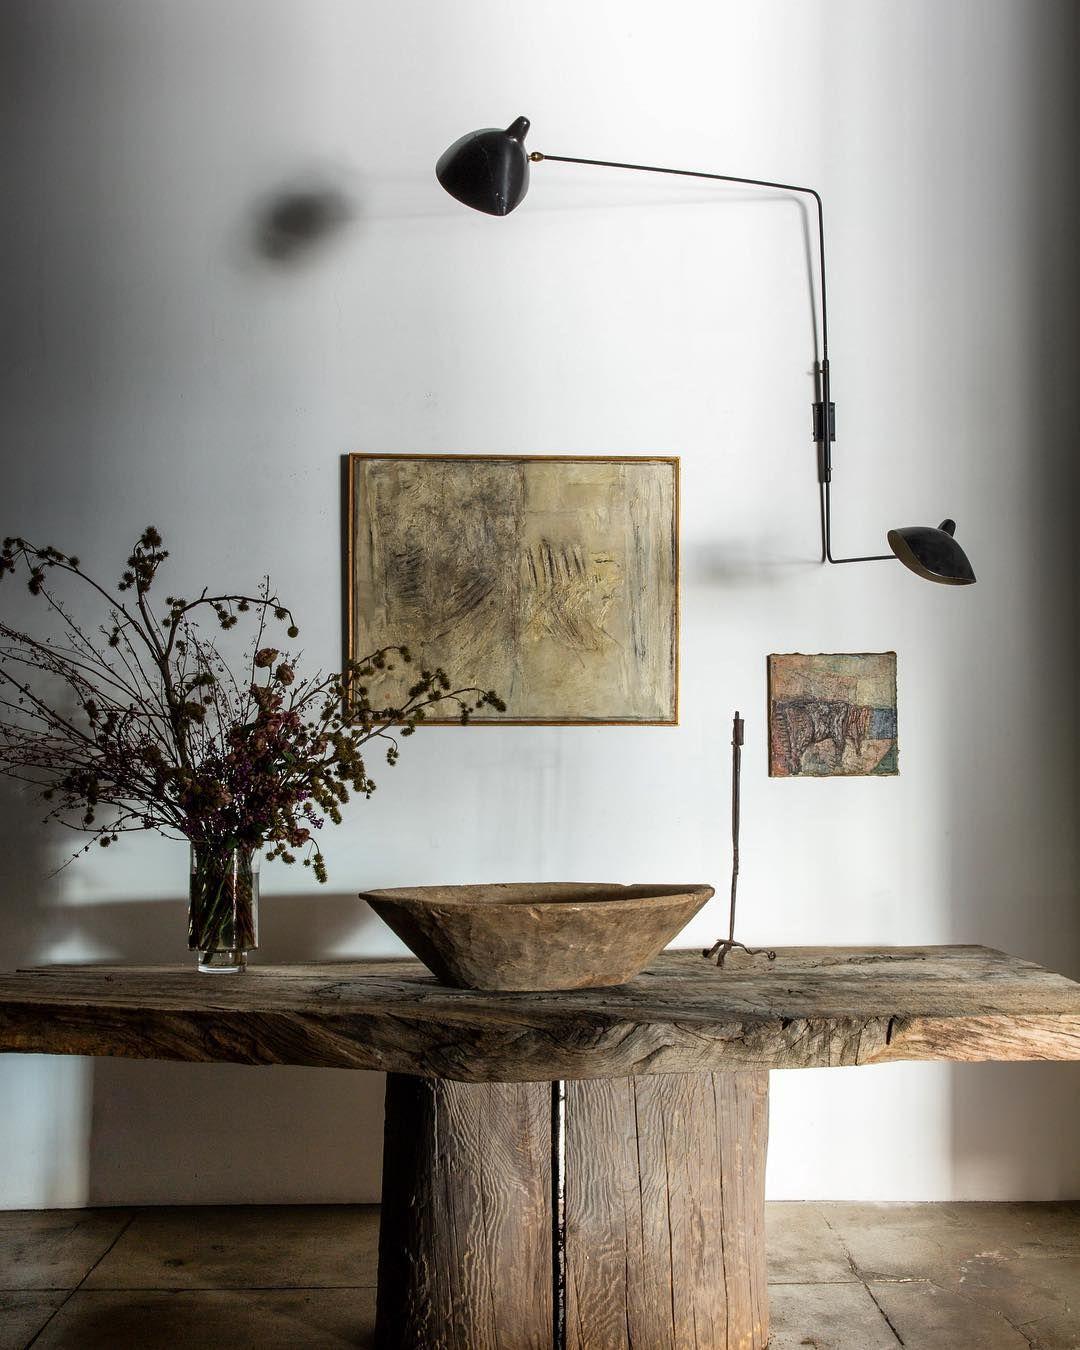 Galerie half on instagram   galeriehalf photo shadedeggesphotography   natural home decor also rh pinterest